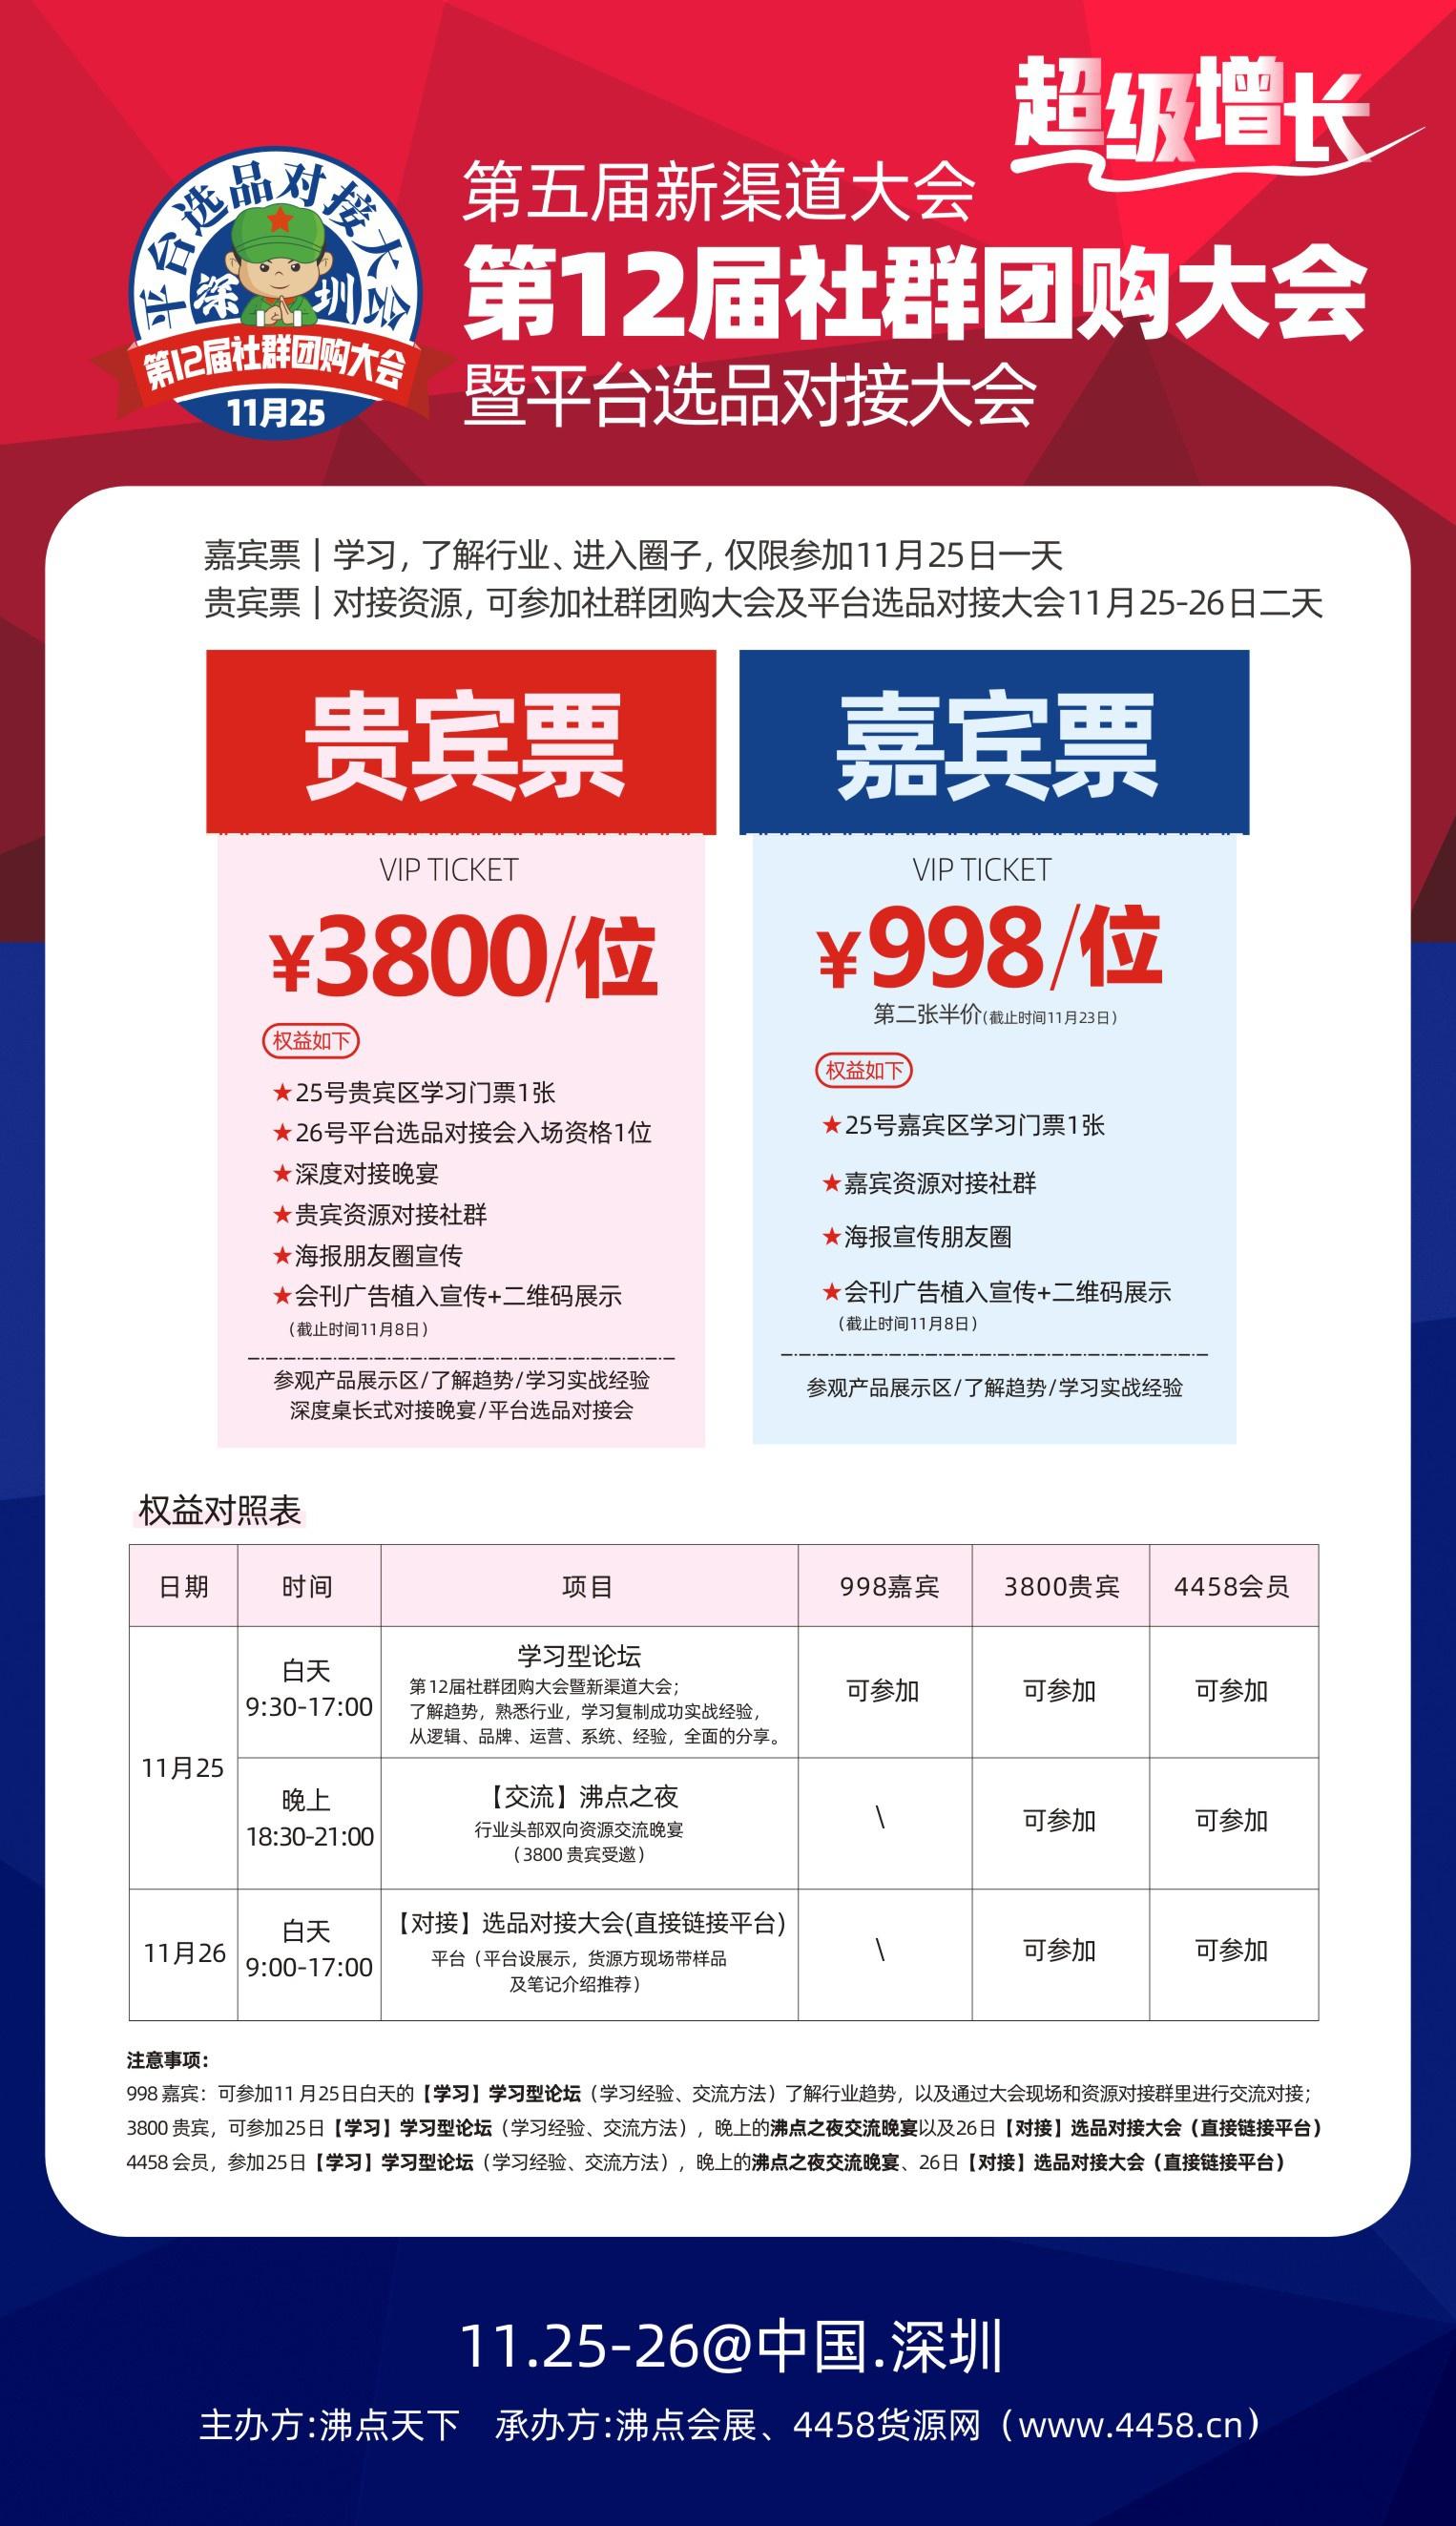 第十二届社群团购大会11月25-26号 深圳举办  开始报名...